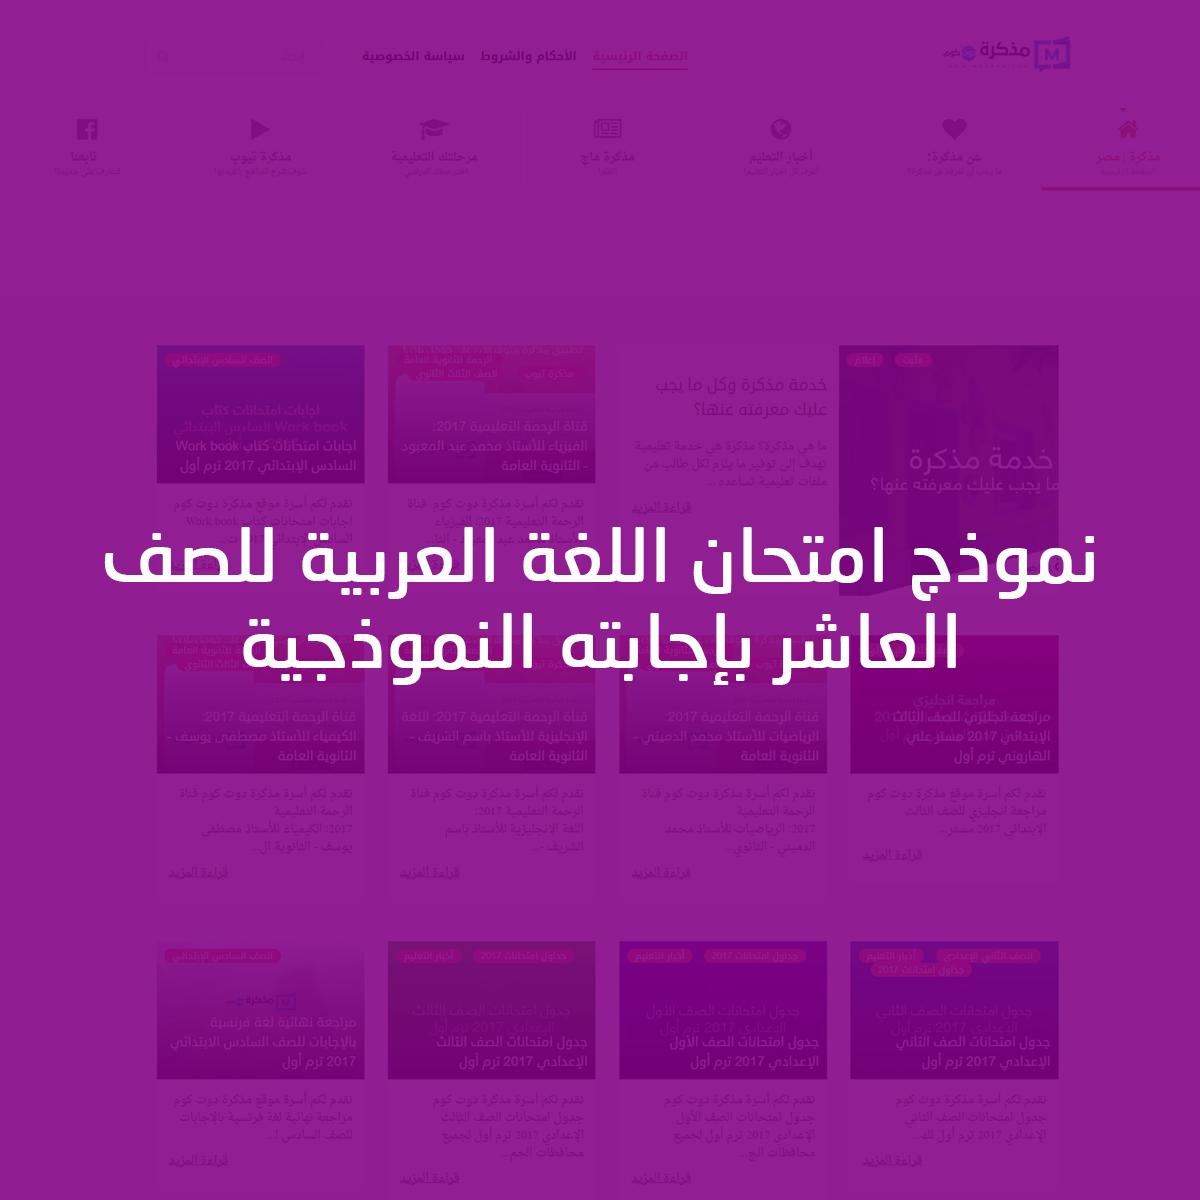 نموذج امتحان اللغة العربية للصف العاشر بإجابته النموذجية